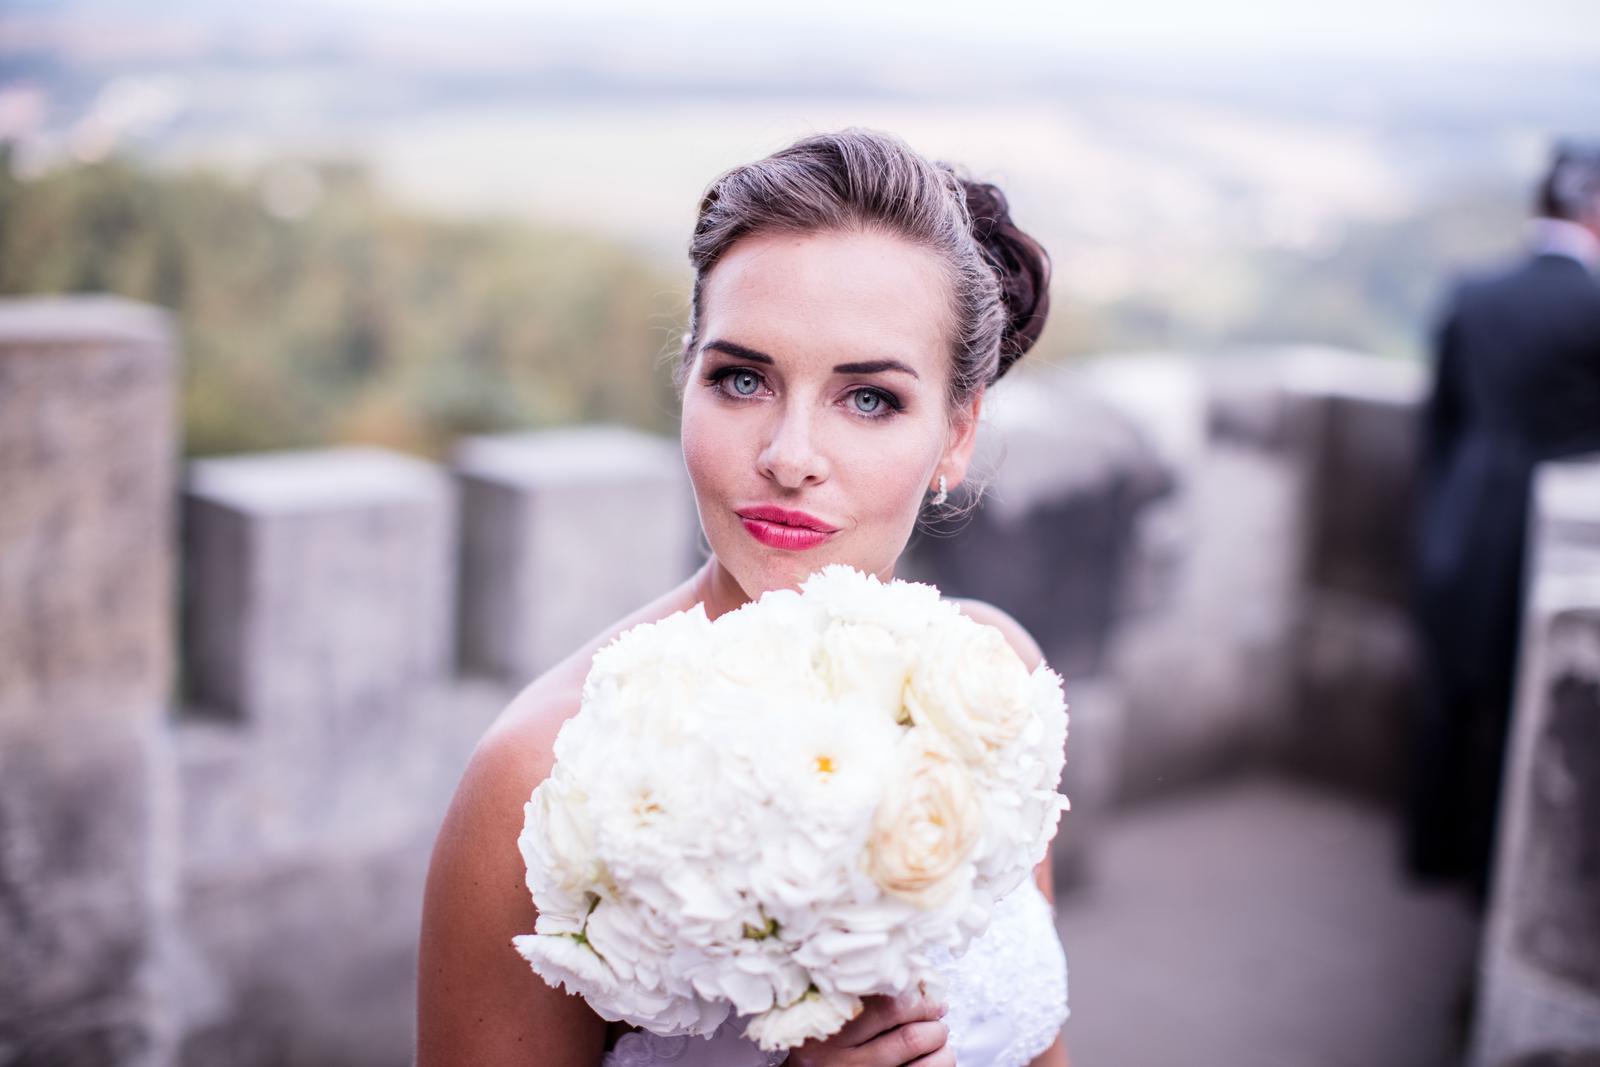 Svatební účes a líčení pro nevěstu Adélku a její družičky :) - Obrázek č. 4